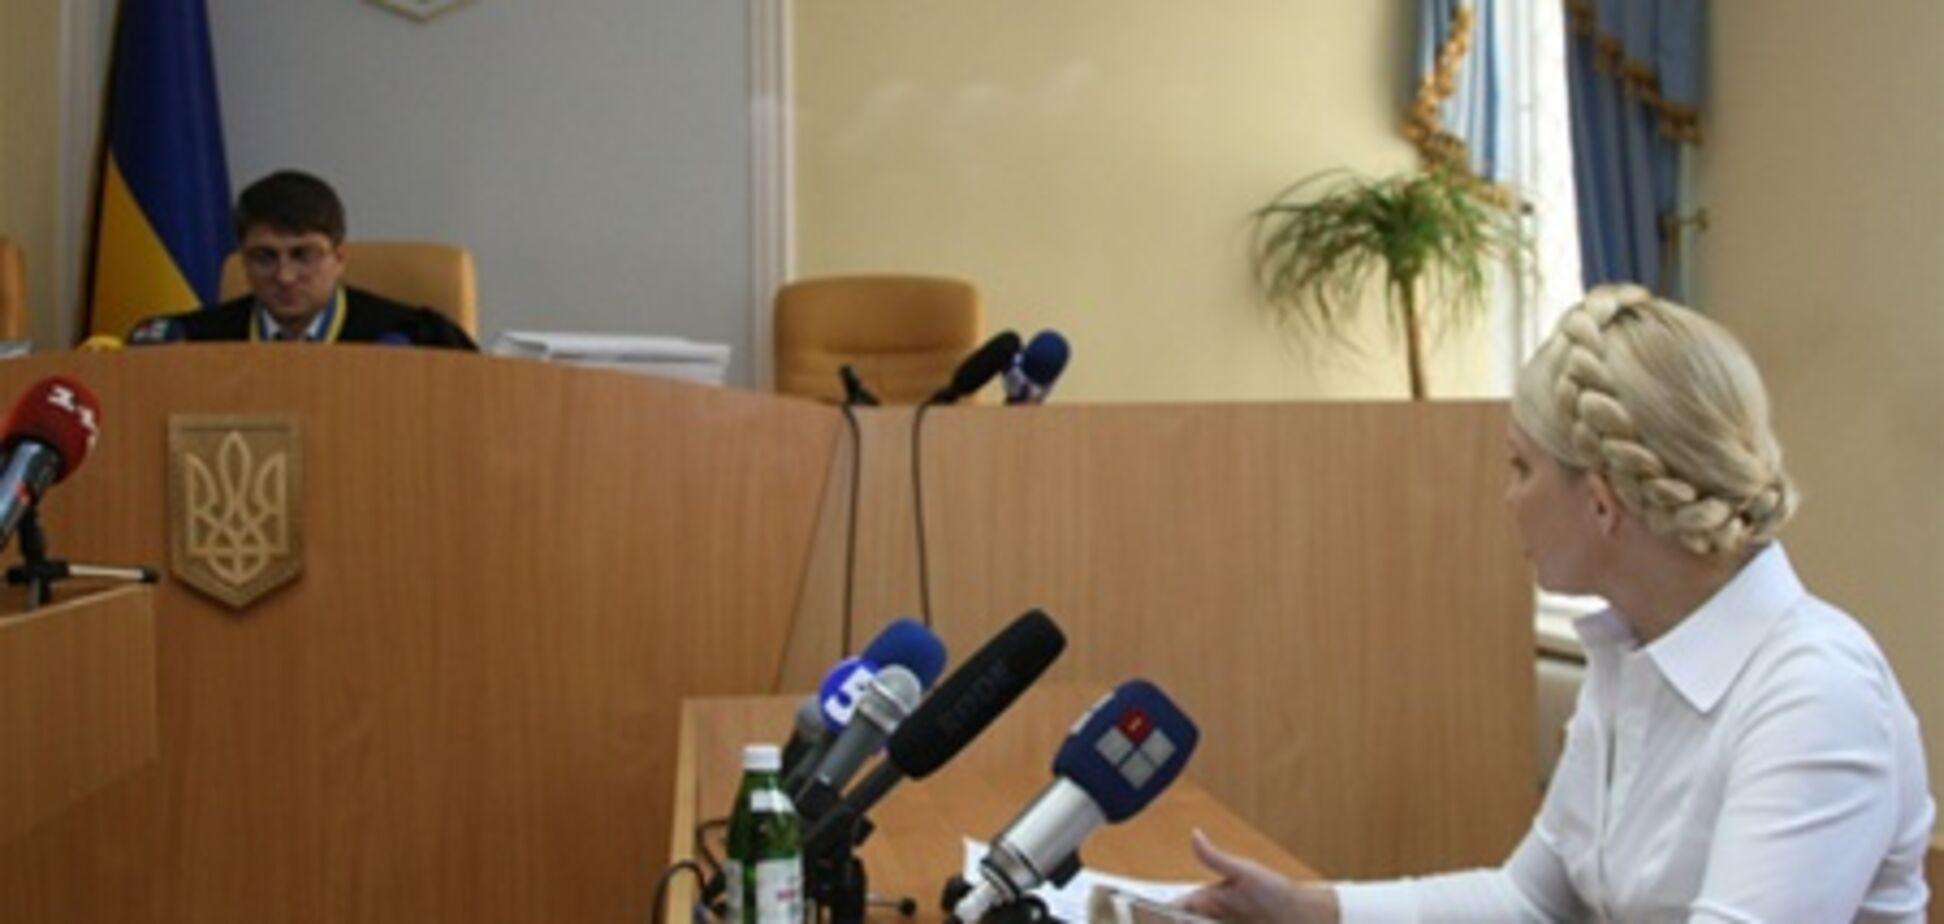 Тимошенко просит об отводе прокурора и допуске адвокатов